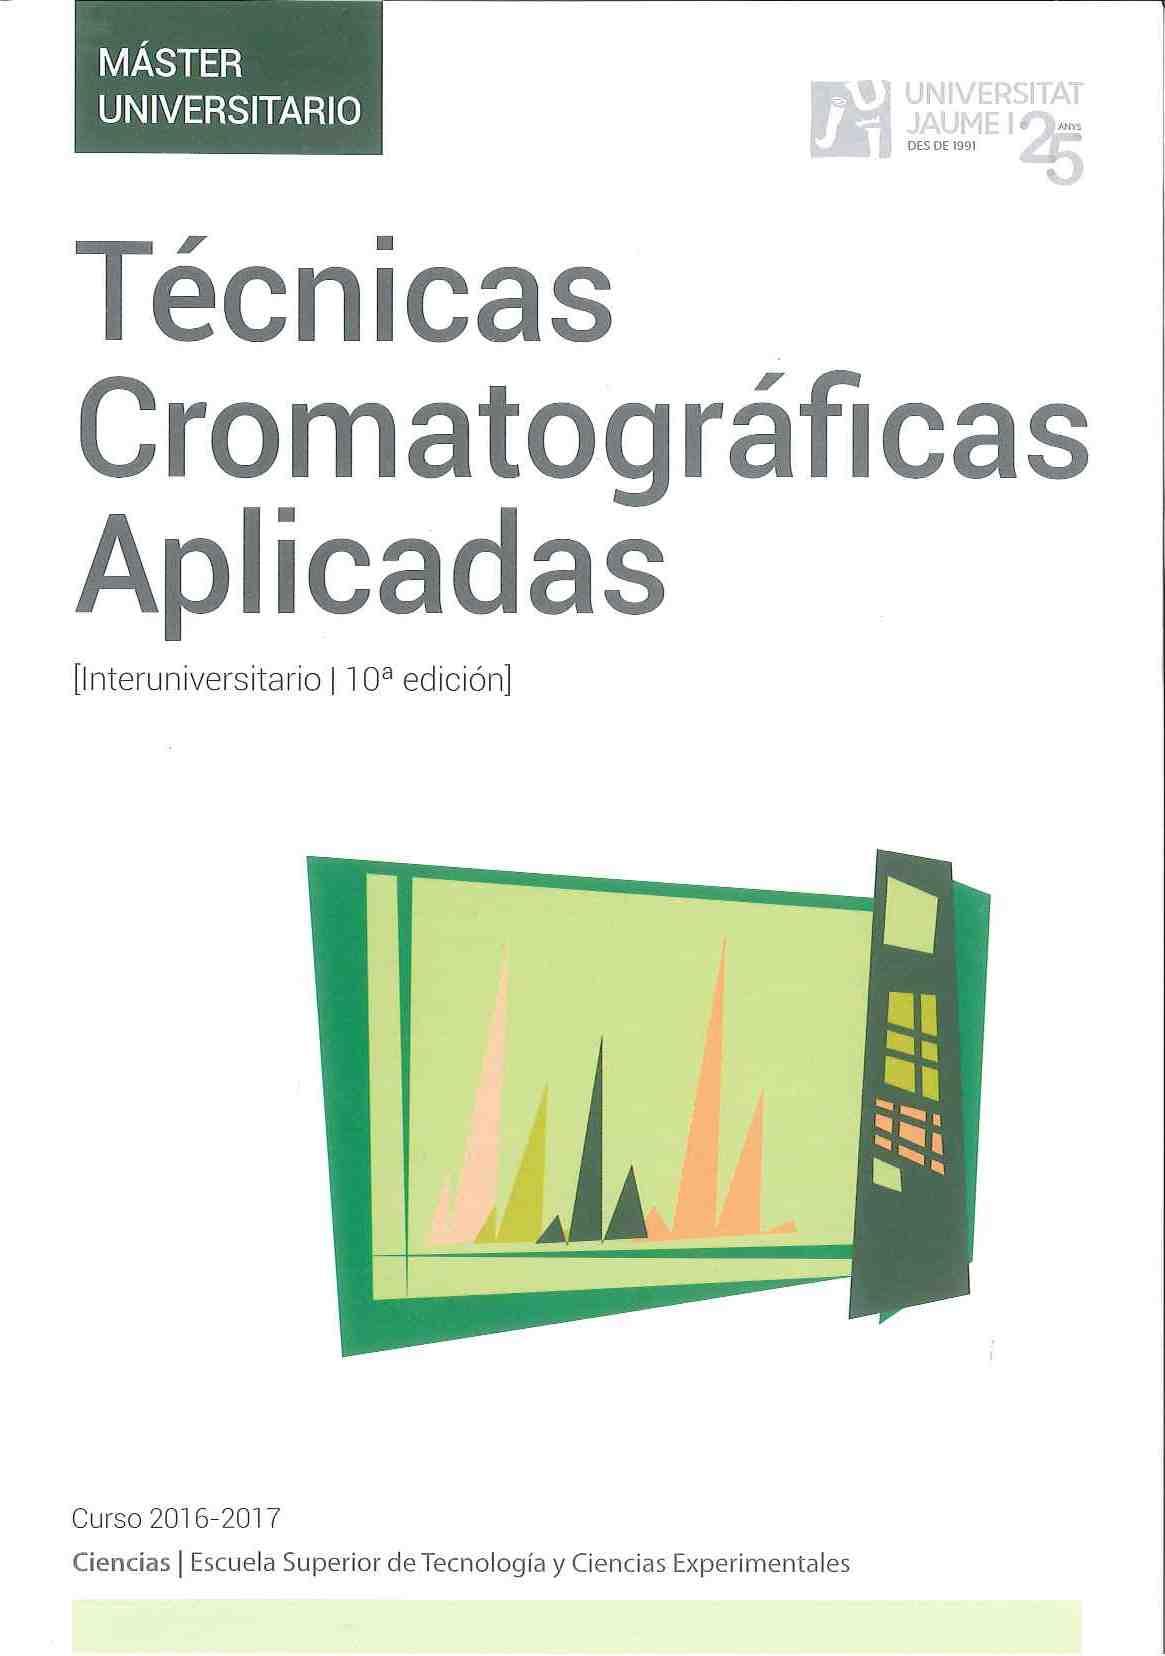 Màster Interuniversitari en Tècniques Cromatogràfiques Aplicades